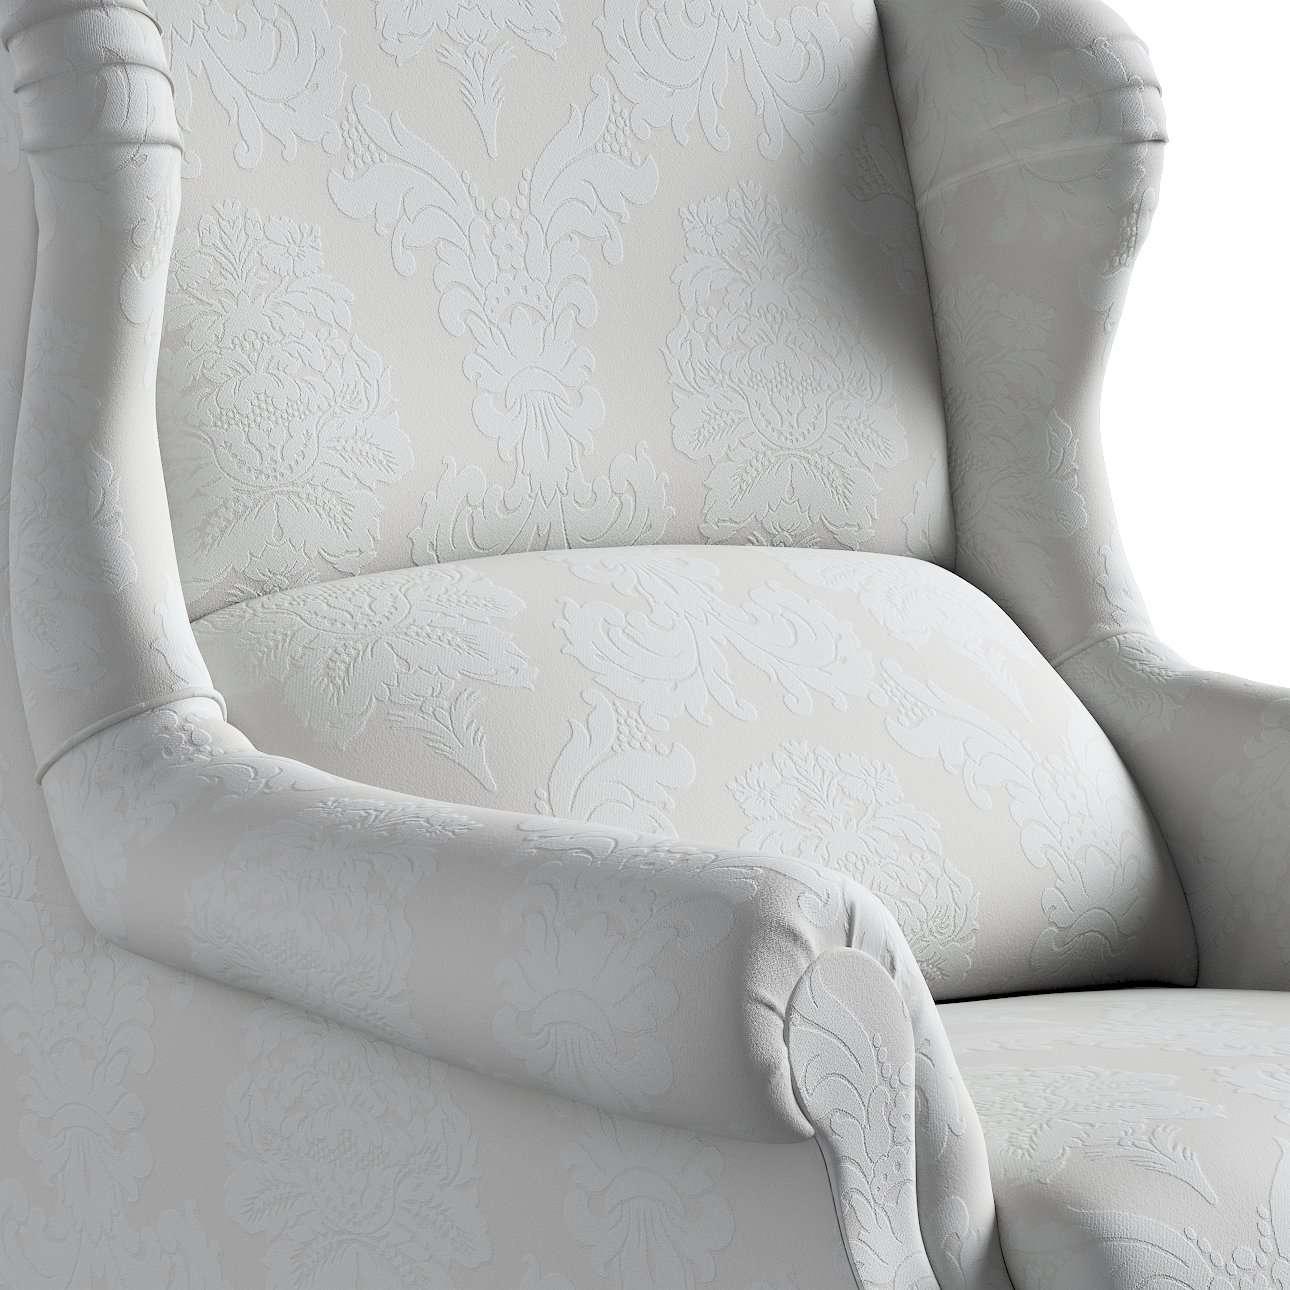 Sessel 63 x 115 cm von der Kollektion Damasco, Stoff: 613-81